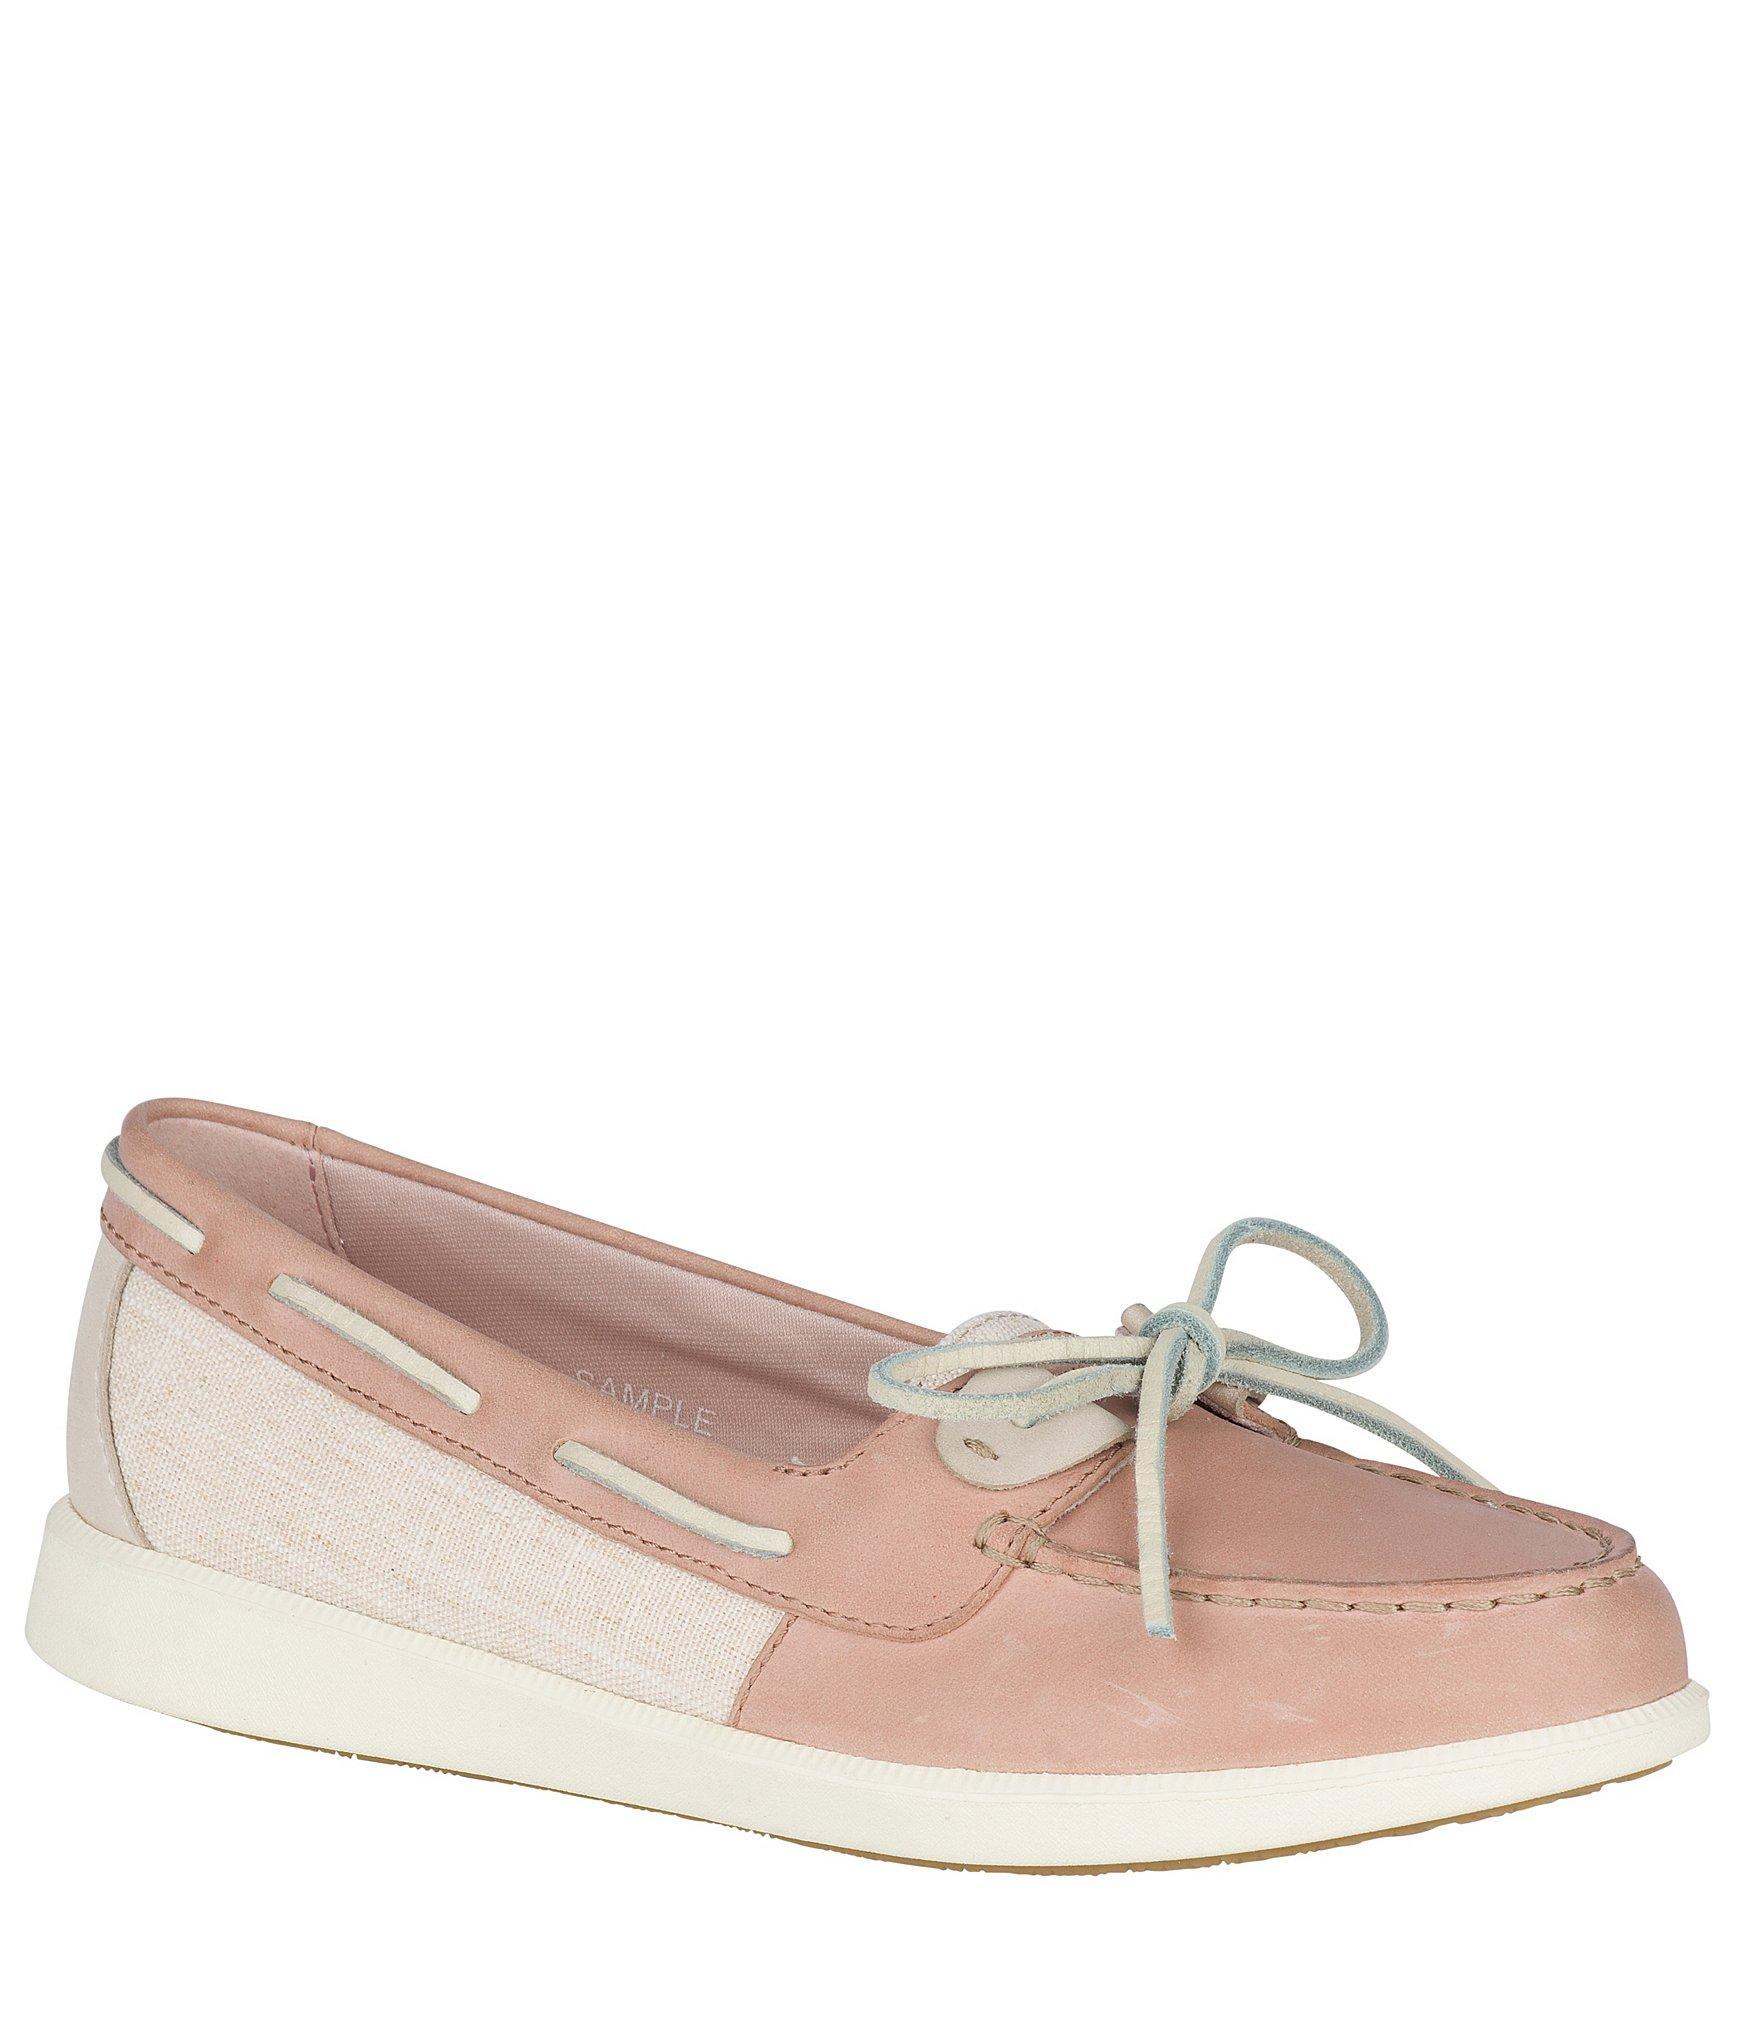 Sperry Top-Sider Oasis Dock Knit Boat Shoe Women 9 Rose